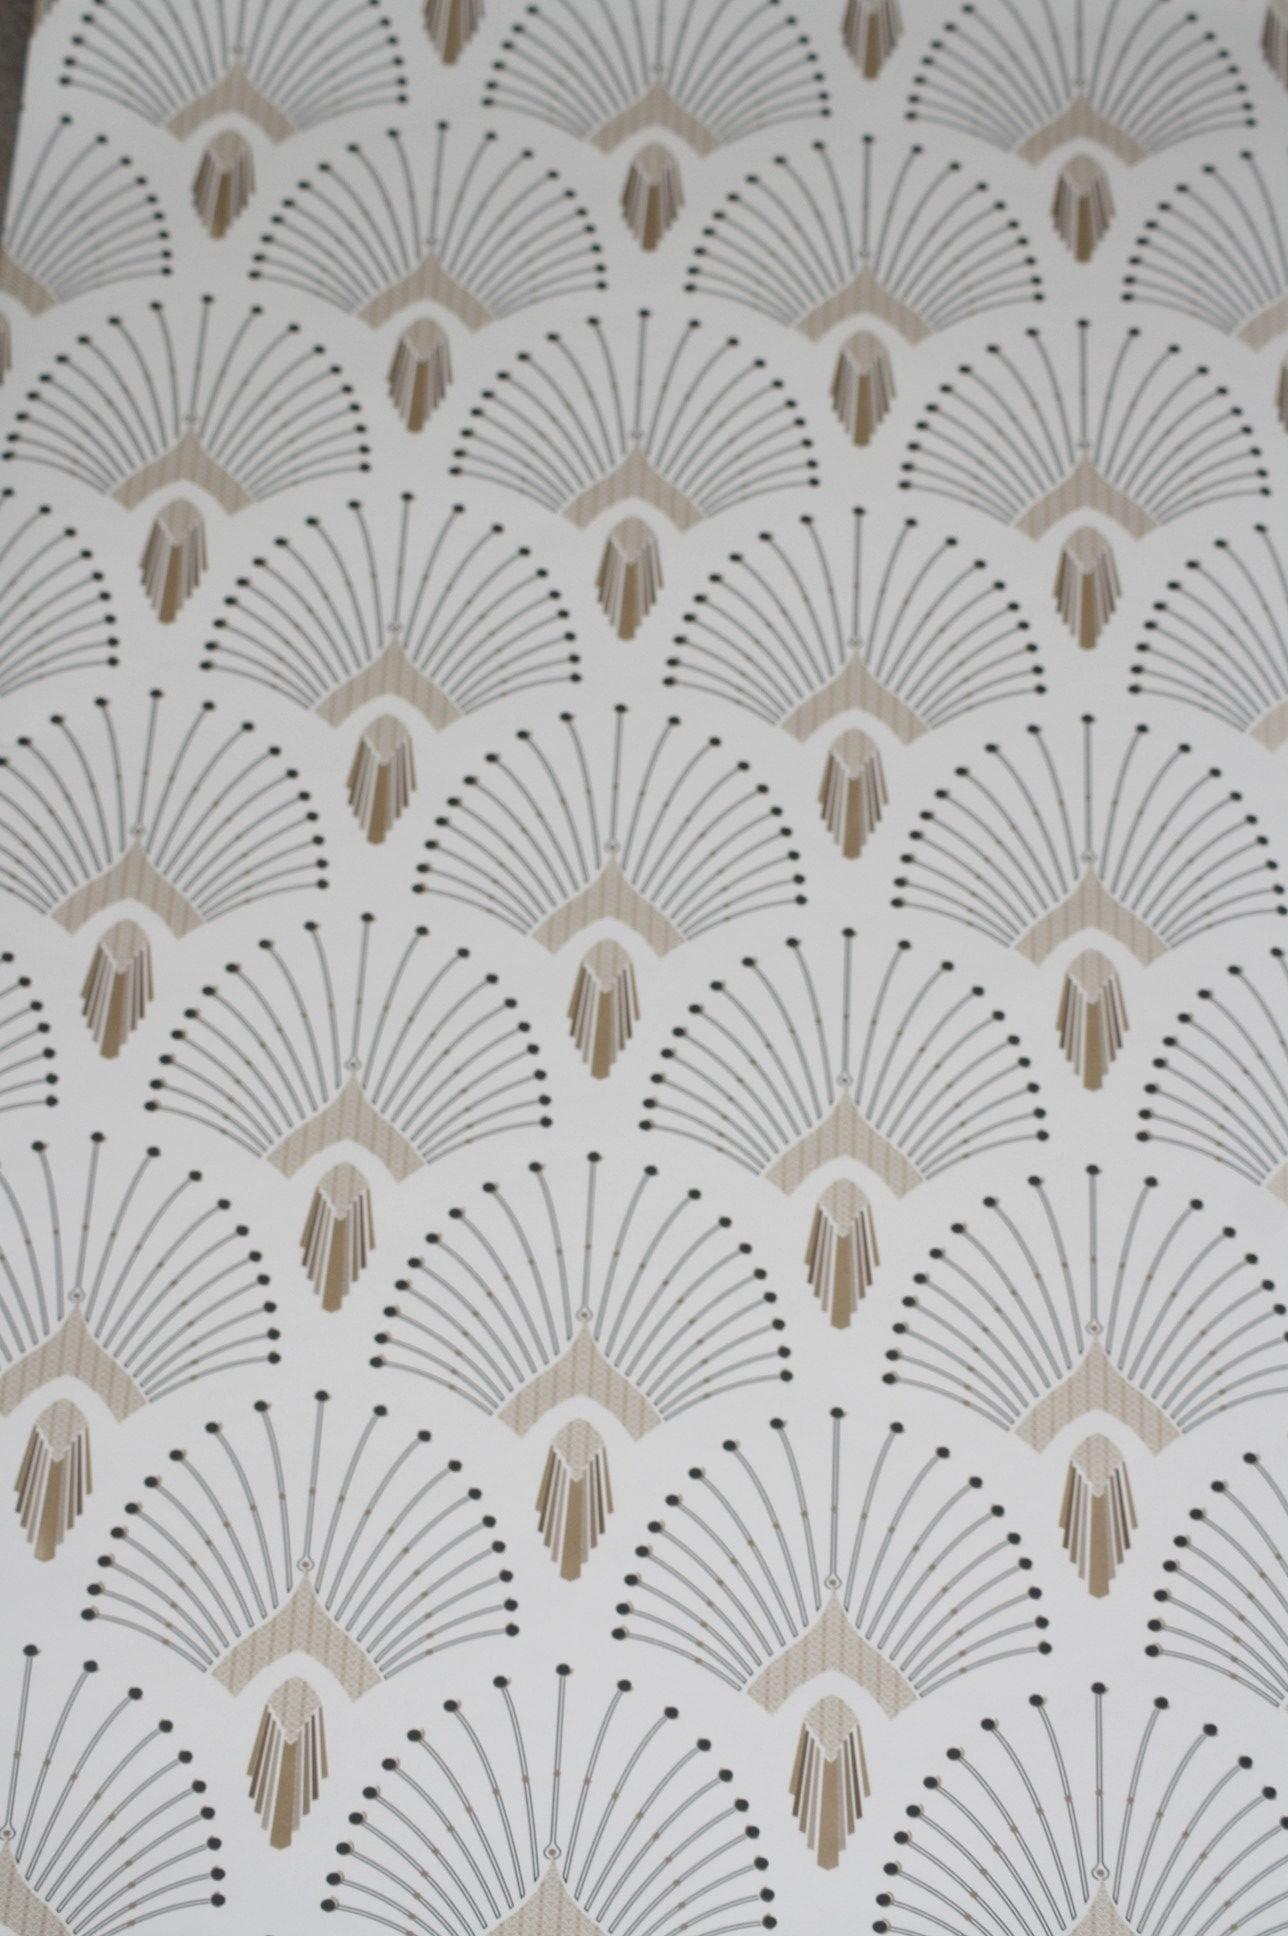 Papier Behang 387 07 Deco Discount Behanggigant